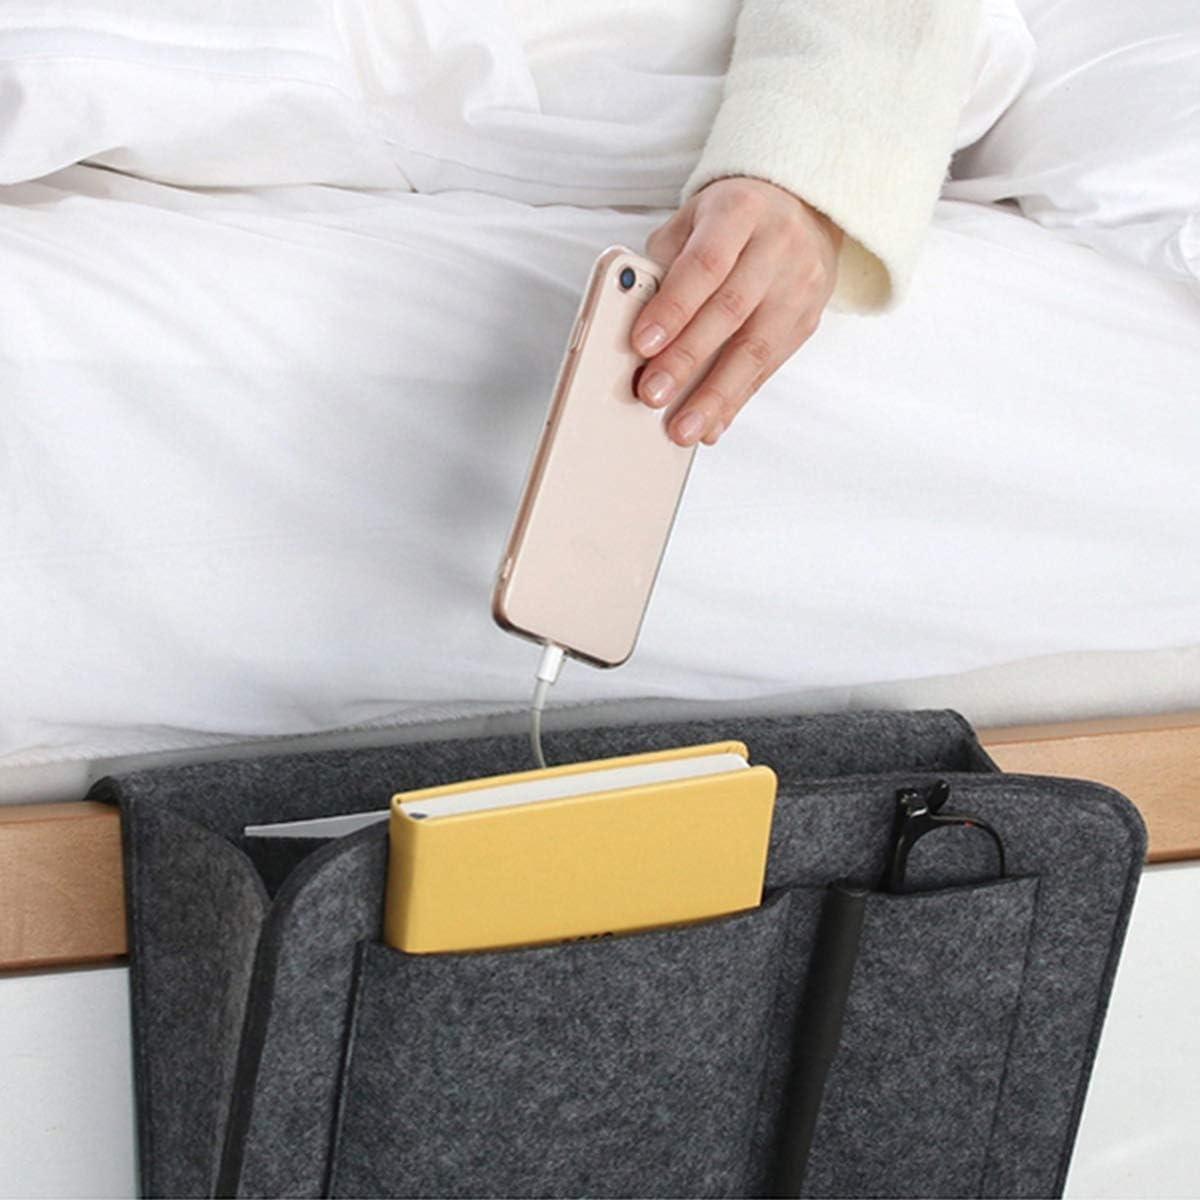 Benradise Sac de Chevet /à Accrocher Organisateur Suspendu Portable pour T/él/éphone Lires Lunettes Tablette Ordinateur